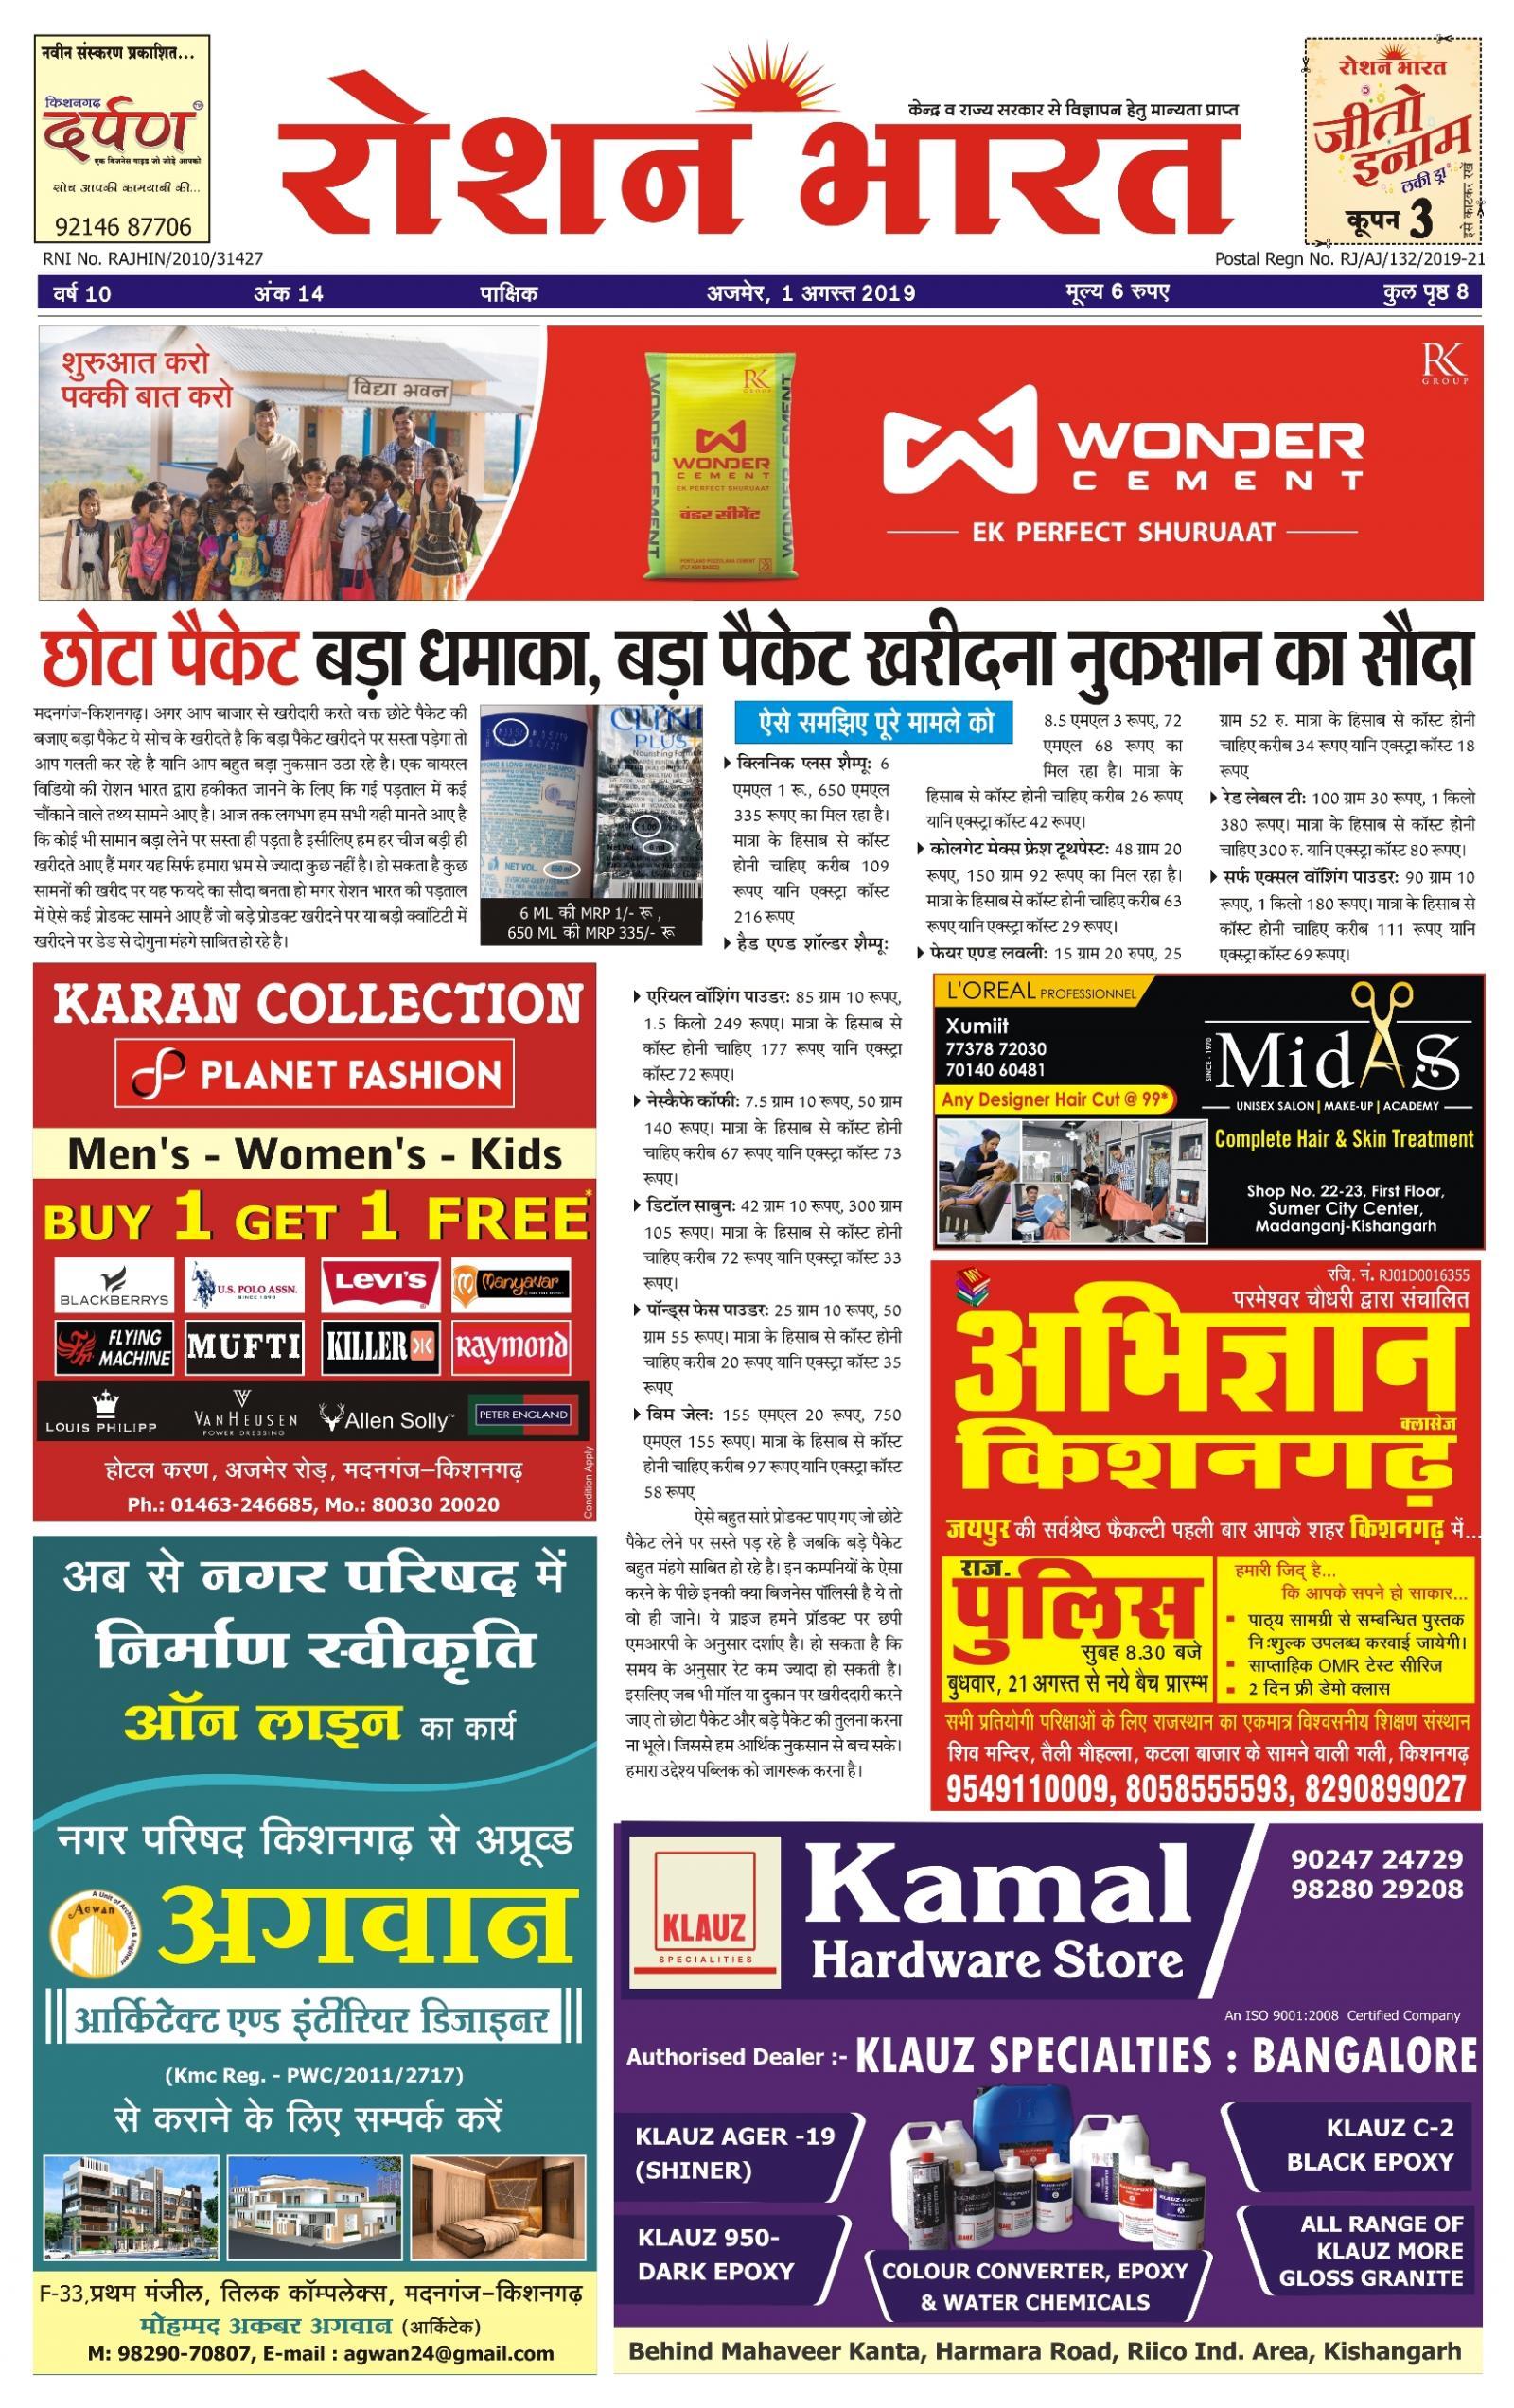 Roshan Bharat - News Paper - Kishangarh AjmerRoshan Bharat